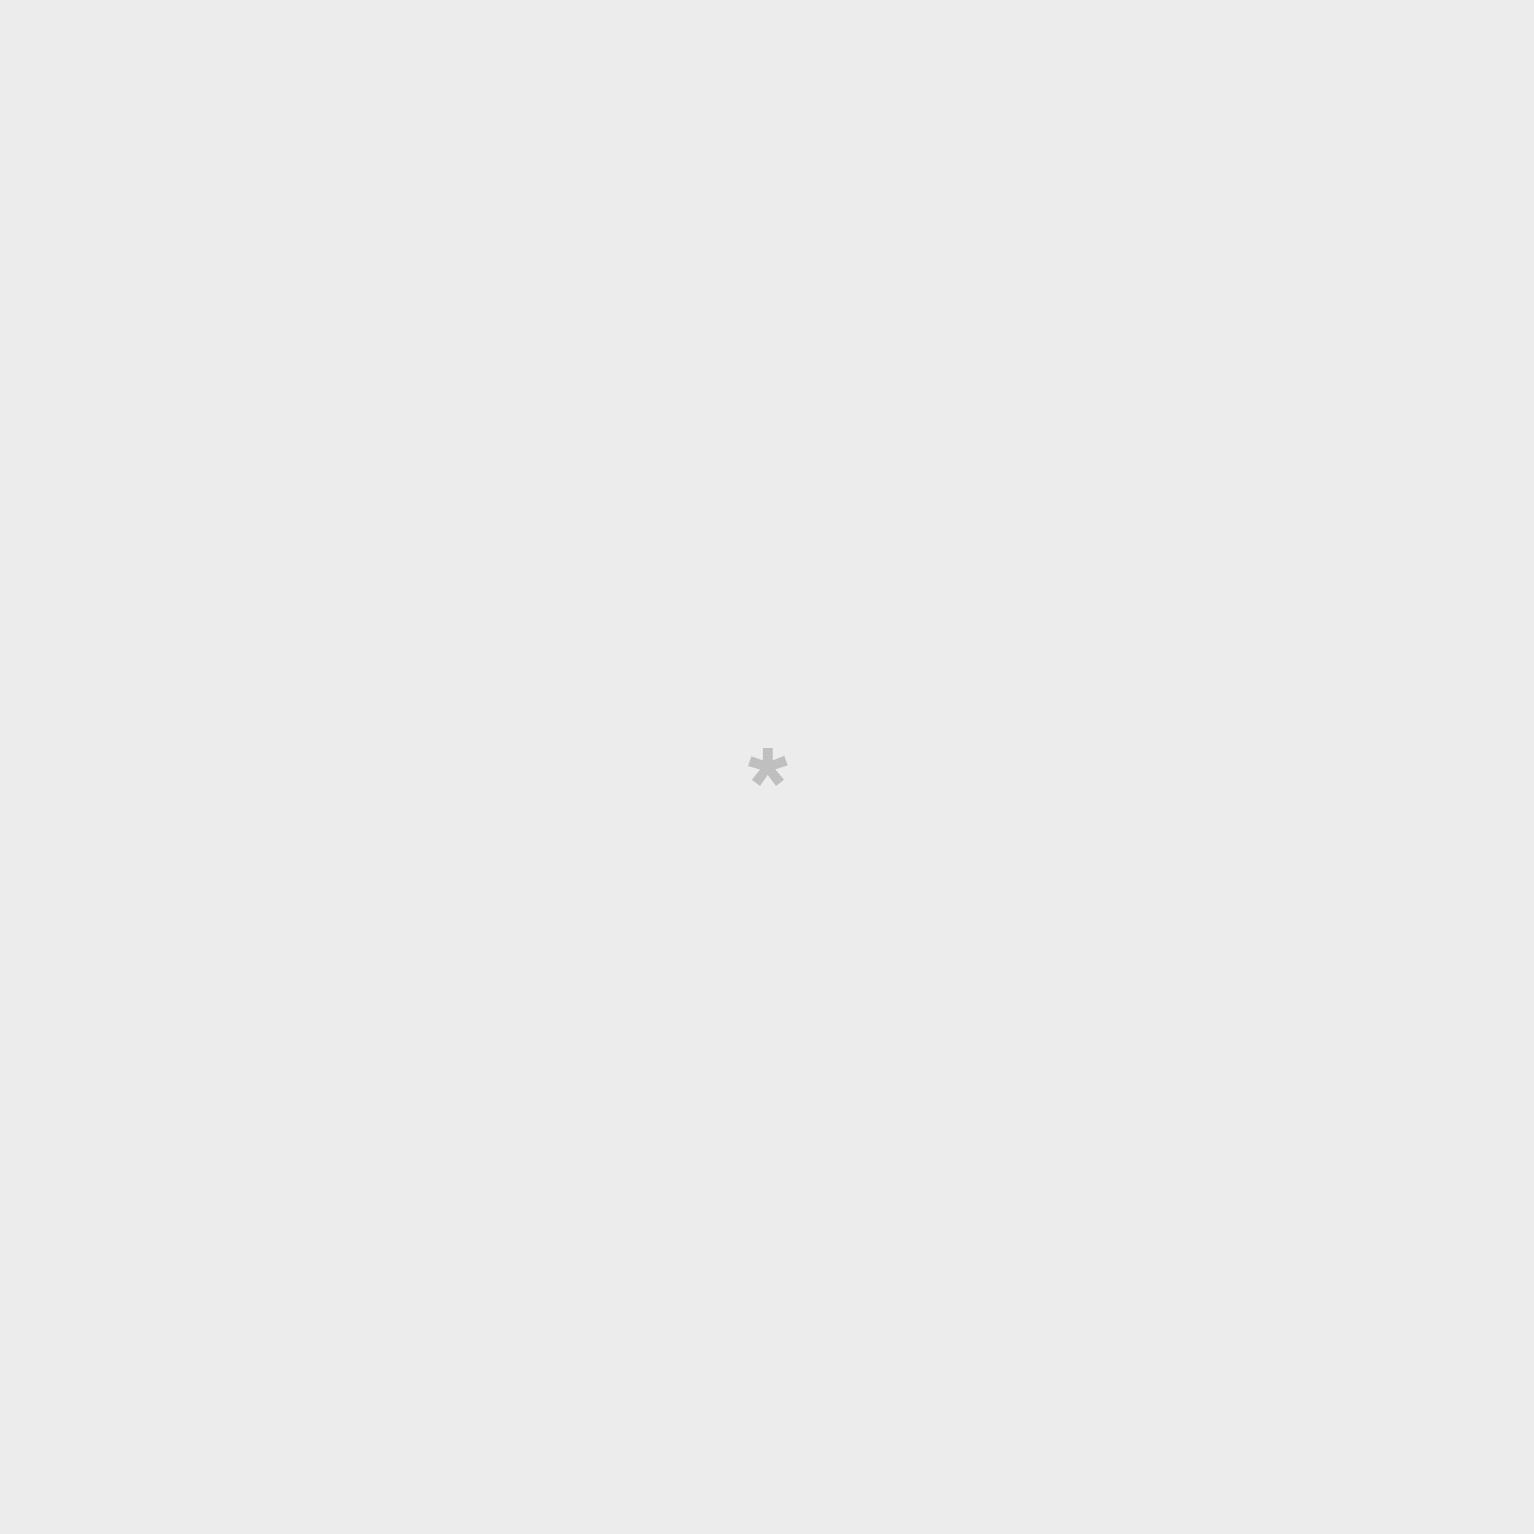 Mug - A friend like you is a dream come true